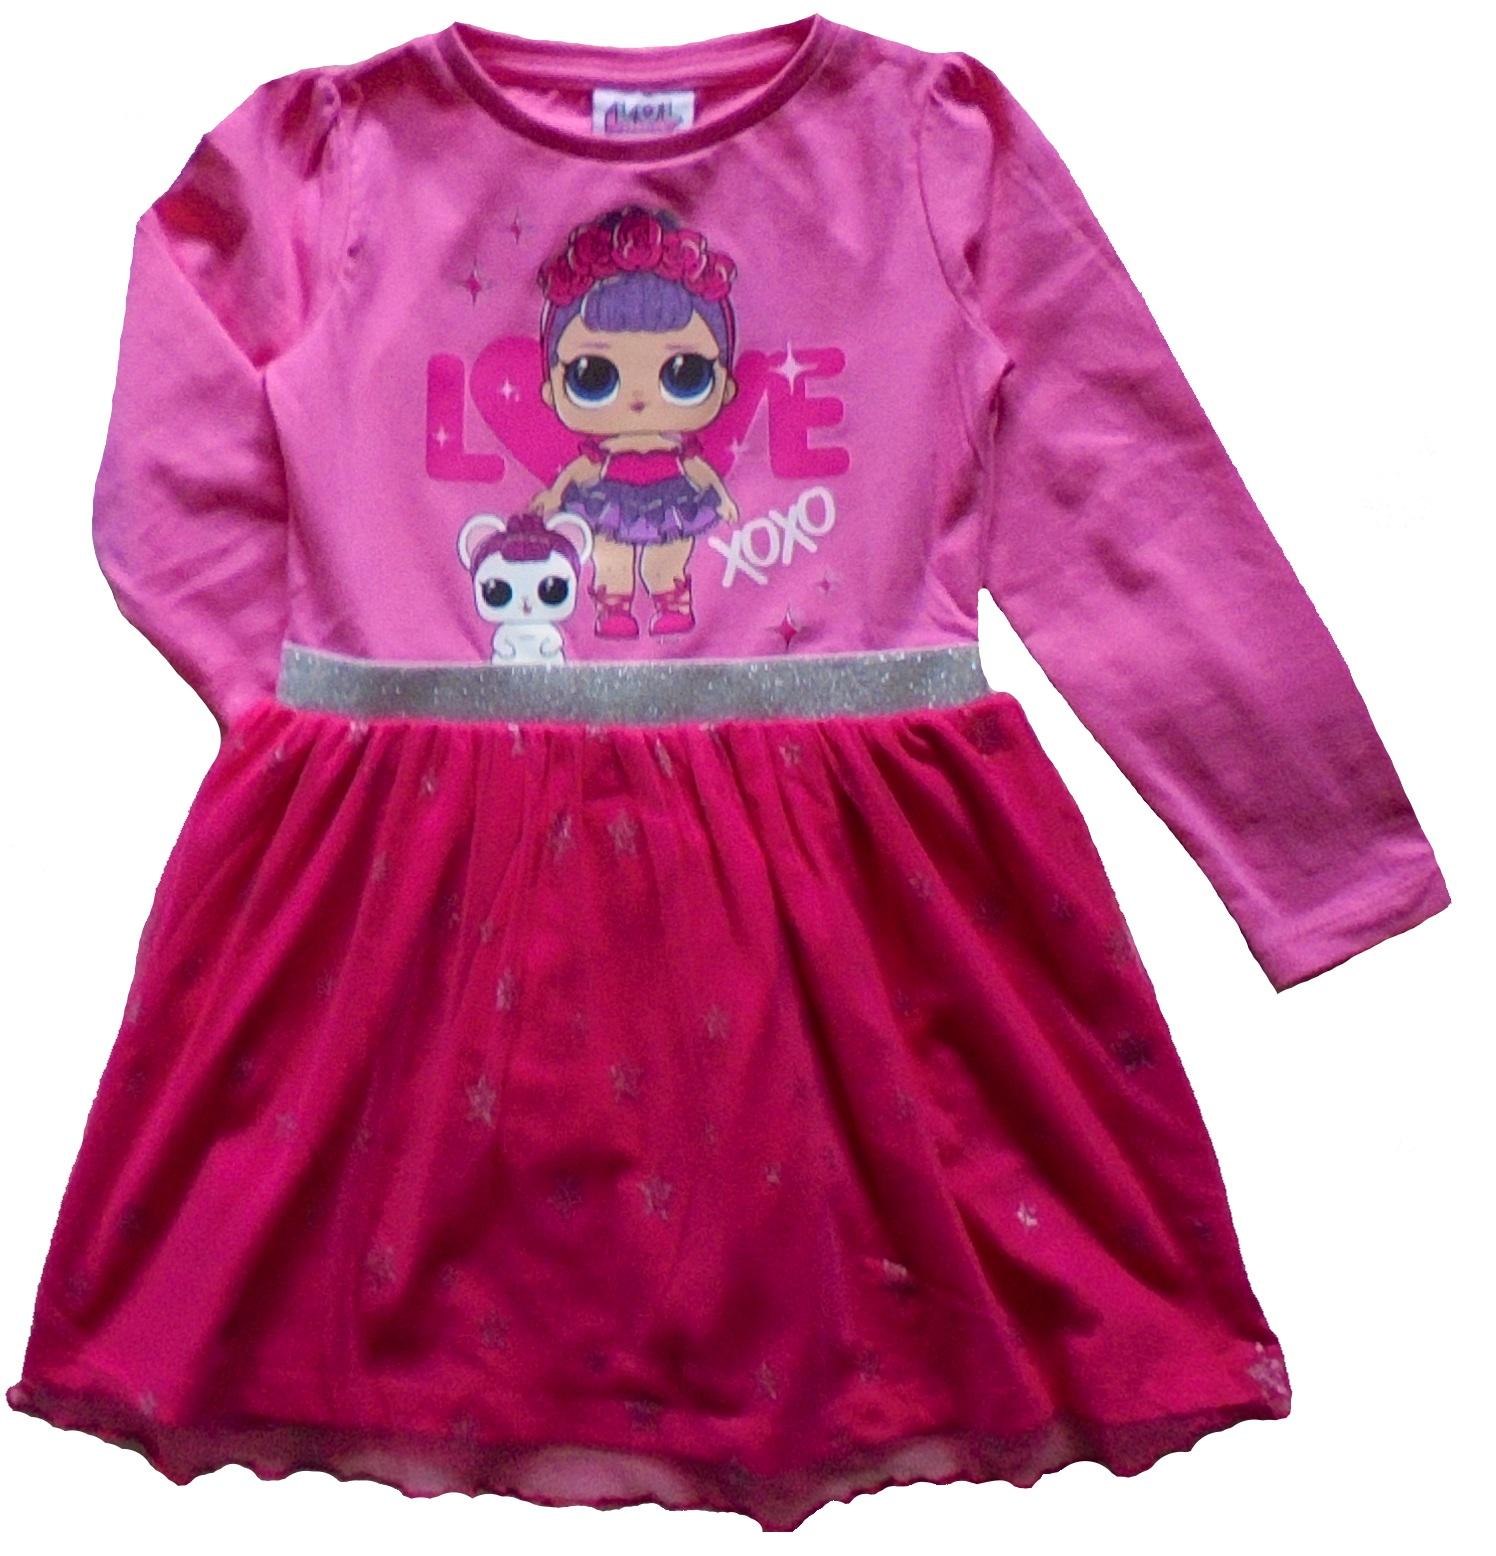 L.O.L. SURPRISE DOLLS šaty ružový tyl 134